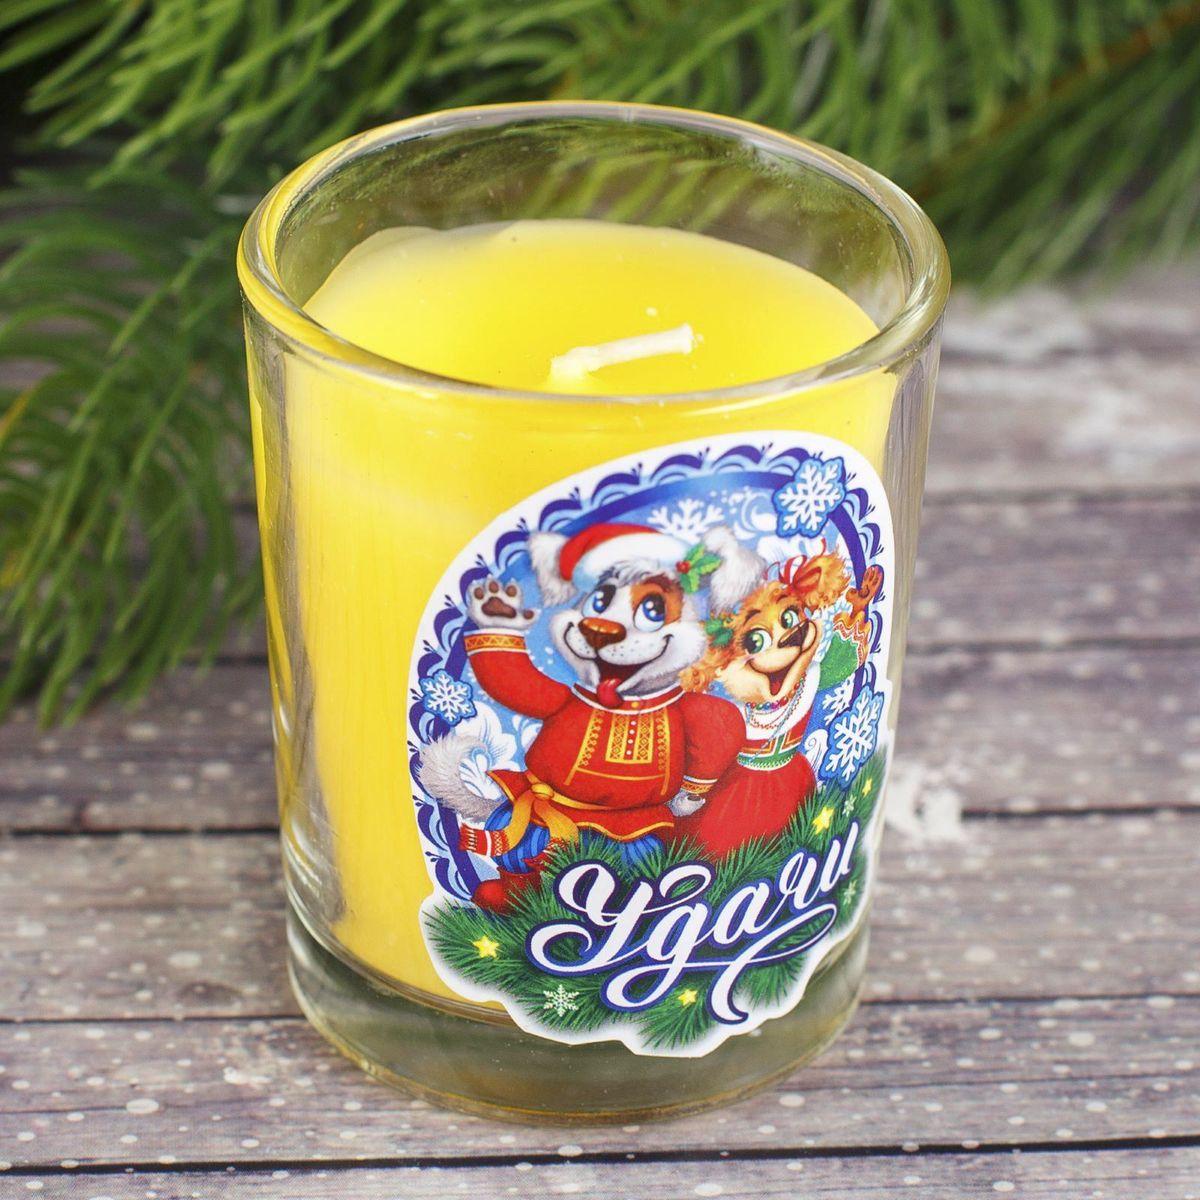 Свеча ароматизированная Sima-land Удачи, цвет: желтый, высота 6,5 см2089Какой новогодний стол без свечей? Вместе с мандаринами, шампанским и еловыми ветвями они создадут сказочную атмосферу, а их притягательное пламя подарит ощущение уюта и тепла. А еще это отличная идея для подарка! Свеча ароматизированная в стакане Sima-land оградит от невзгод и поможет во всех начинаниях в будущем году. Каждому хозяину периодически приходит мысль обновить свою квартиру, сделать ремонт, перестановку или кардинально поменять внешний вид каждой комнаты. Свеча ароматизированная в стакане Sima-land - привлекательная деталь, которая поможет воплотить вашу интерьерную идею, создать неповторимую атмосферу в вашем доме. Окружите себя приятными мелочами, пусть они радуют глаз и дарят гармонию. Ароматизированная свеча Sima-land - символ Нового года. Она несет в себе волшебство и красоту праздника. Такое украшение создаст в вашем доме атмосферу праздника, веселья и радости.